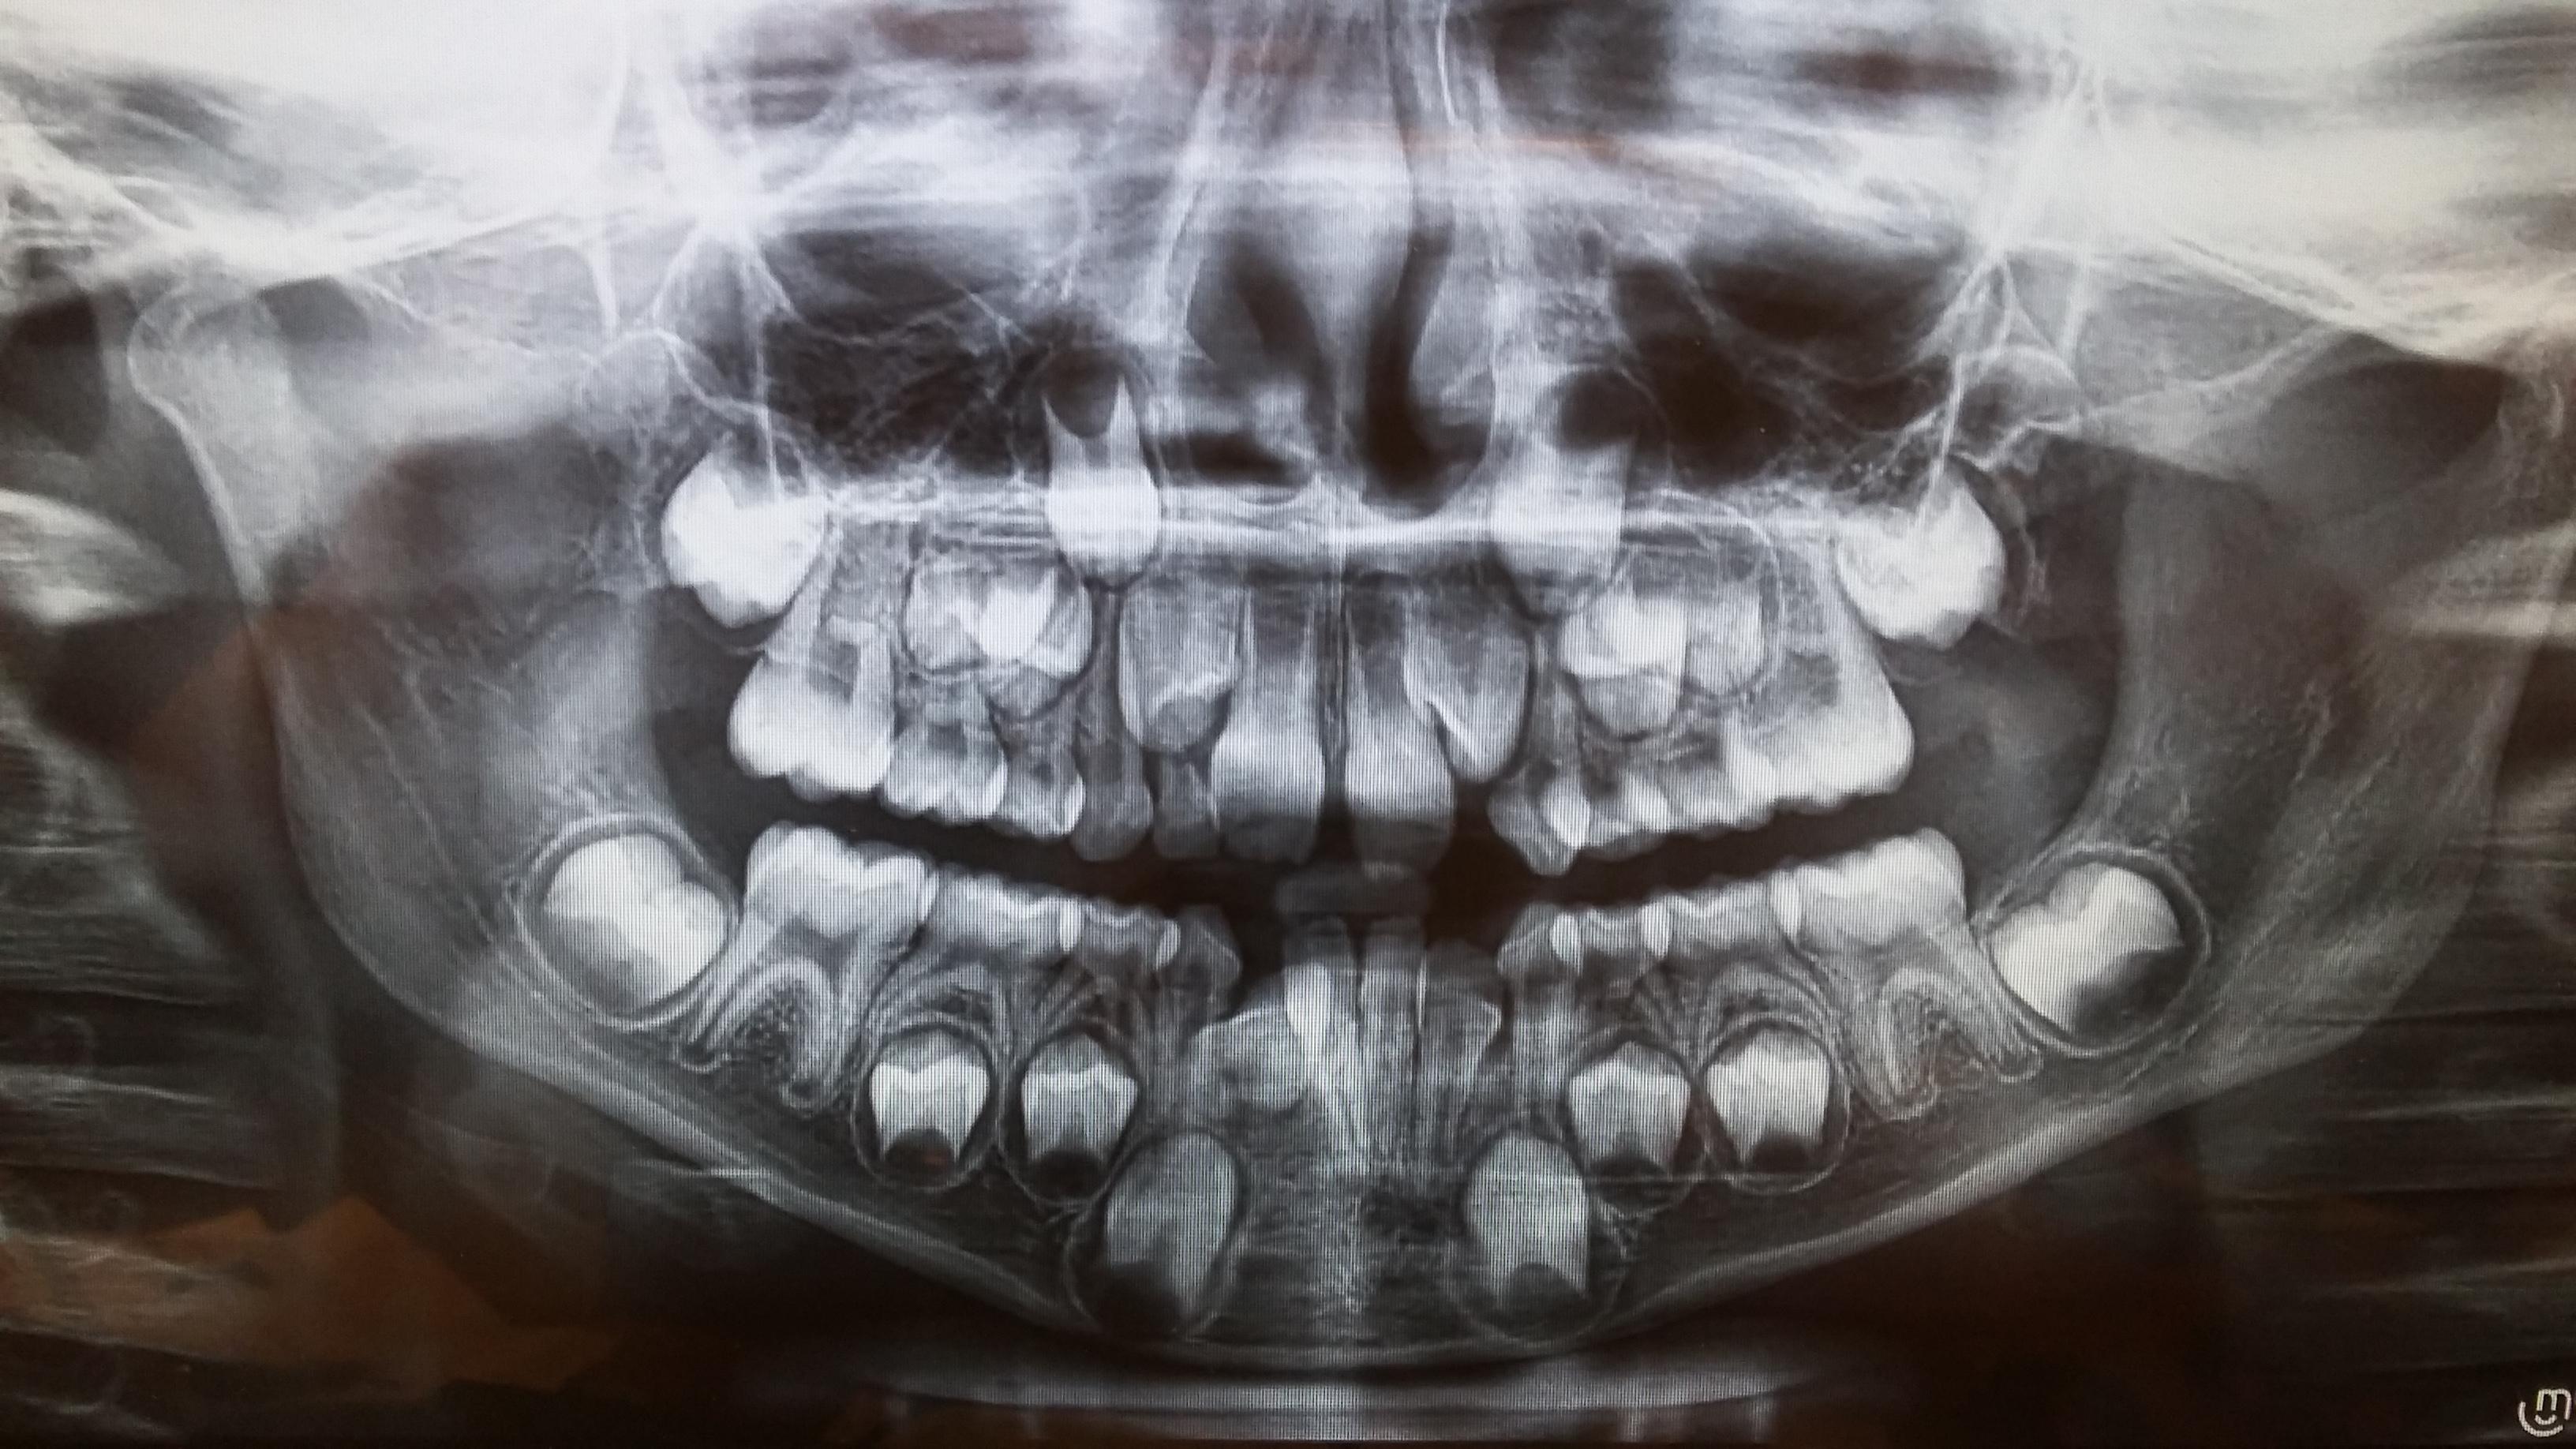 Affollamento di denti nell'arcata inferiore